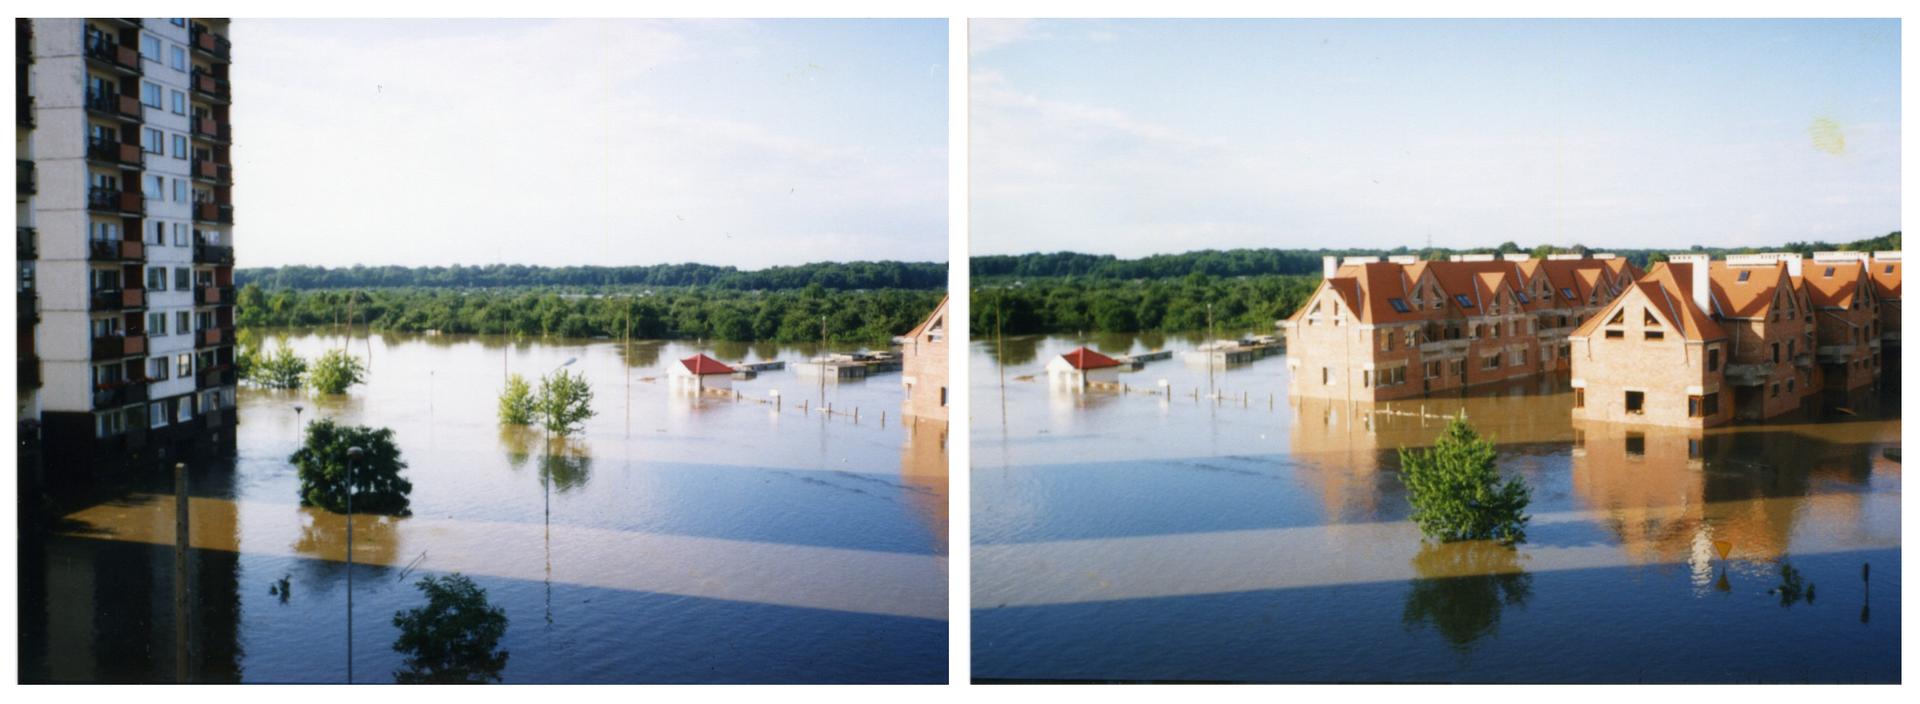 Ilustracja zawiera dwa zdjęcia przedstawiające miasto podczas powodzi na przykładzie Wrocławia latem tysiąc dziewięćset dziewięćdziesiątego siódmego roku. Oba zdjęcia wykonane wtym samym miejscu, prawa fotografia sprawia wrażenie przedłużenia lewej. Słoneczny dzień, osiedle mieszkaniowe, po lewej stronie fragment wielopiętrowego bloku zwielkiej płyty, po prawej niska zabudowa szeregowa, osiedle domów dwupiętrowych zczerwonymi spadzistymi dachami wbudowie. Stan surowy otwarty, brak okien. Na pierwszym planie zalane trawniki iścieżki na osiedlu. Nad powierzchnią wody widoczne zielone korony drzew. Wtle zdjęcia zalesiony teren. Widoczne są tylko korony drzew. Zielone drzewa rozciągają się po horyzont. Woda sięga do parterowych okien wszystkich obecnych wkadrze zabudowań.